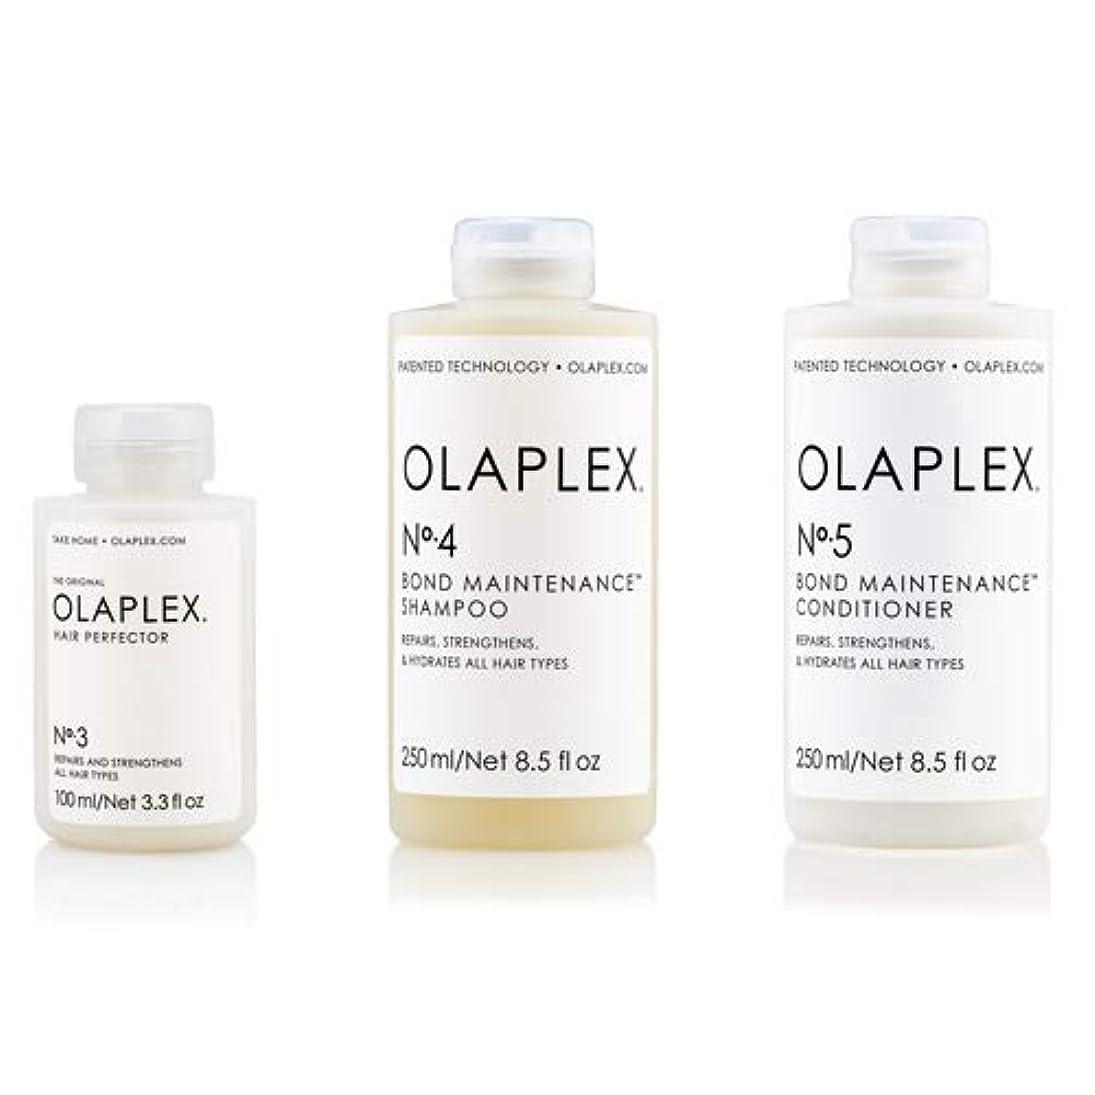 がんばり続けるステレオタイプ資格Olaplex オラプレックス No.3 4 5 ボンド メンテナンス シャンプー&コンディショナー&ヘアパーフェクター Olaplex Bond Maintenance Shampoo & Conditioner & Hiar Perfector【並行輸入品】